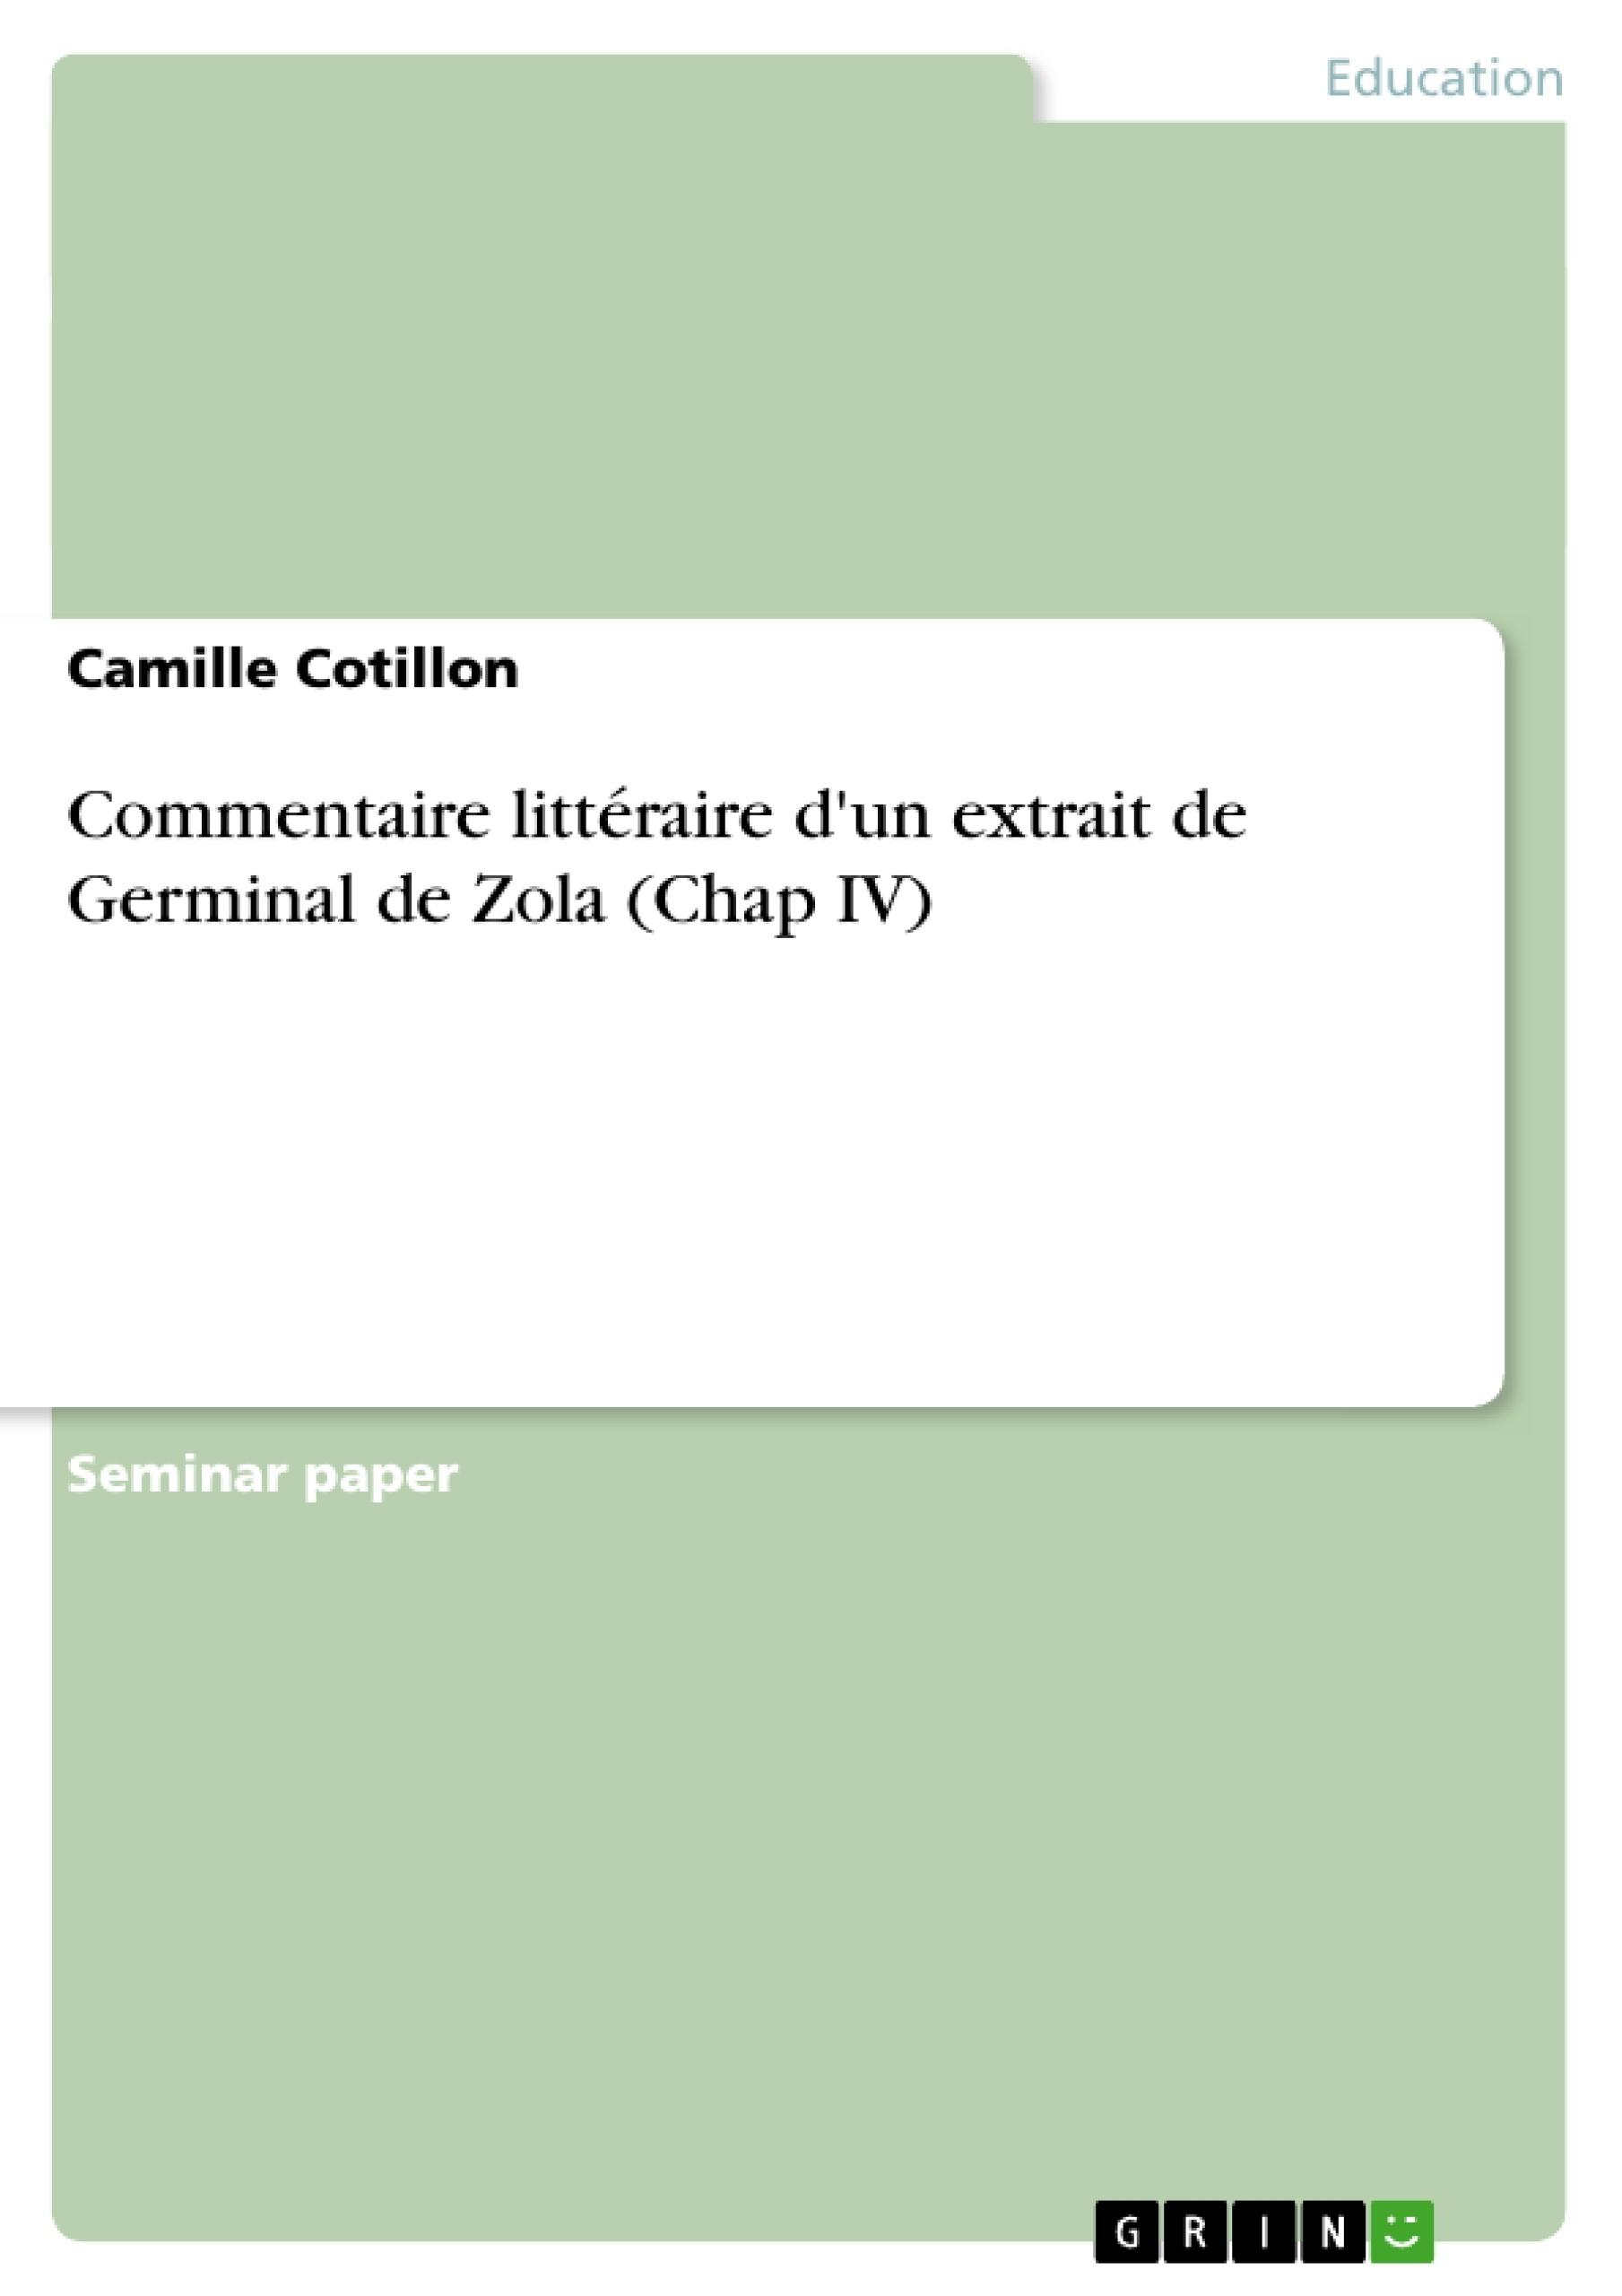 Titre: Commentaire littéraire d'un extrait de Germinal de Zola (Chap IV)